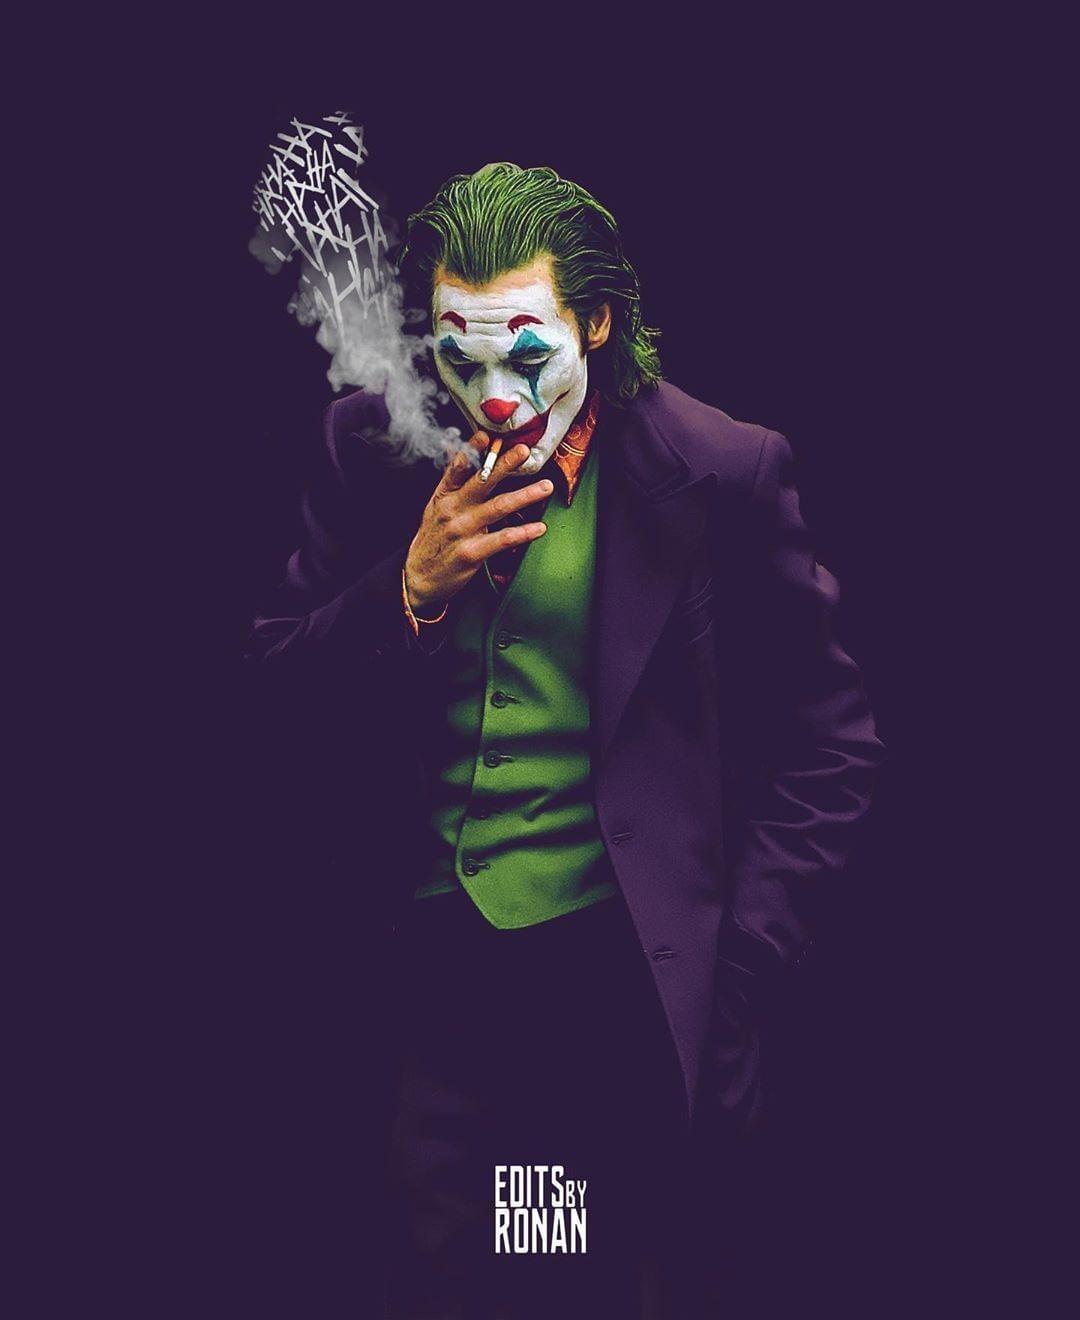 Looper En Instagram Increible Fan Art Joker De Editsbyronan In 2020 Joker Pics Joker Images Batman Joker Wallpaper